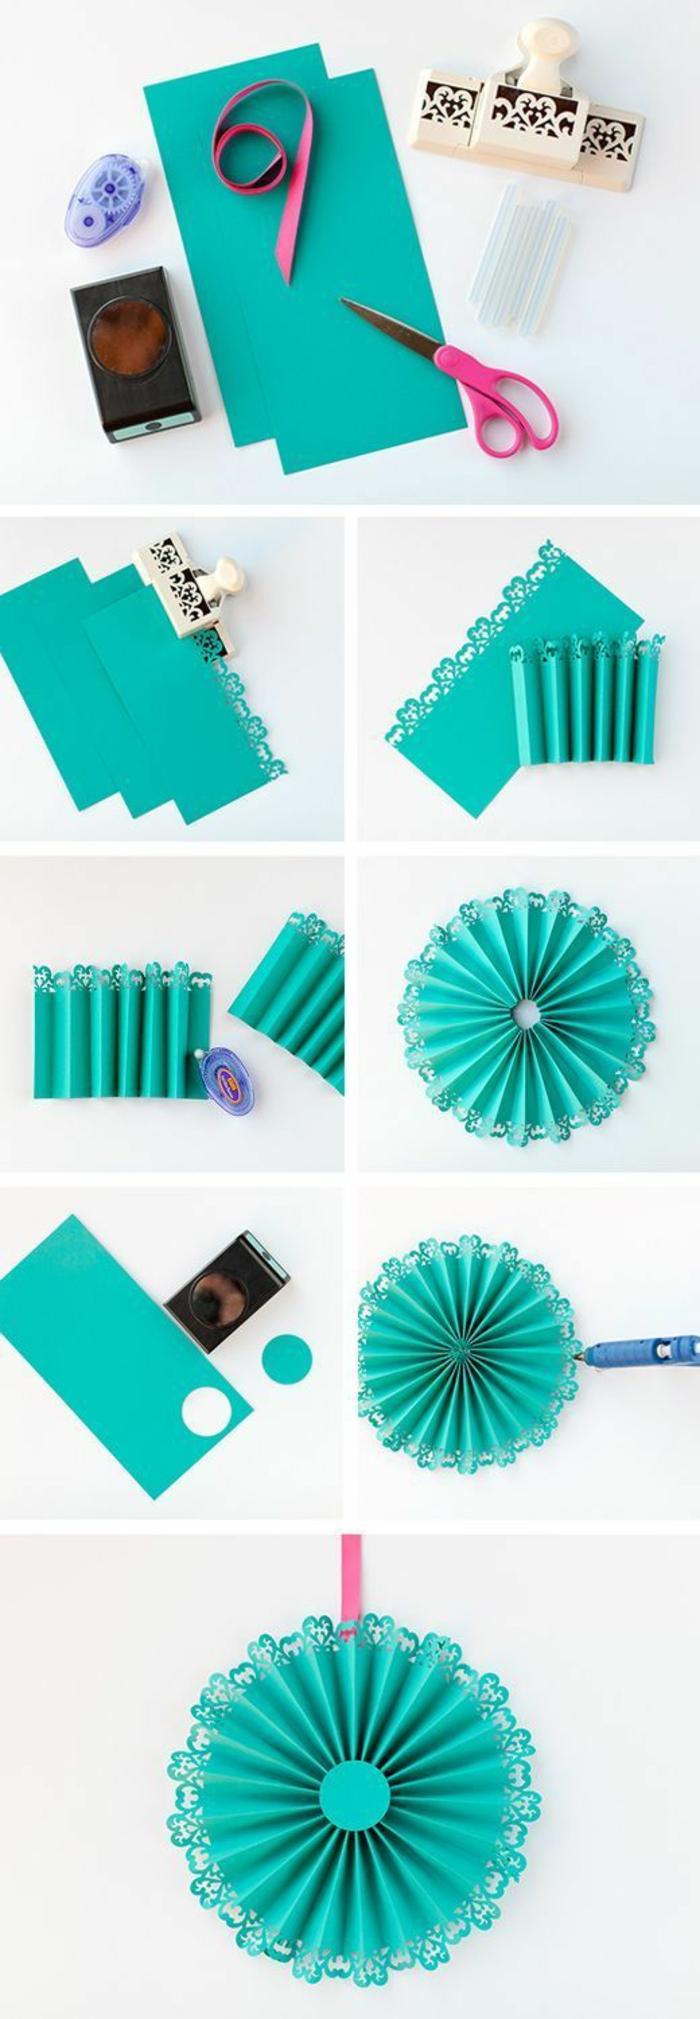 bastelideen mit papier, blaue papierblume, wanddeko selber machen